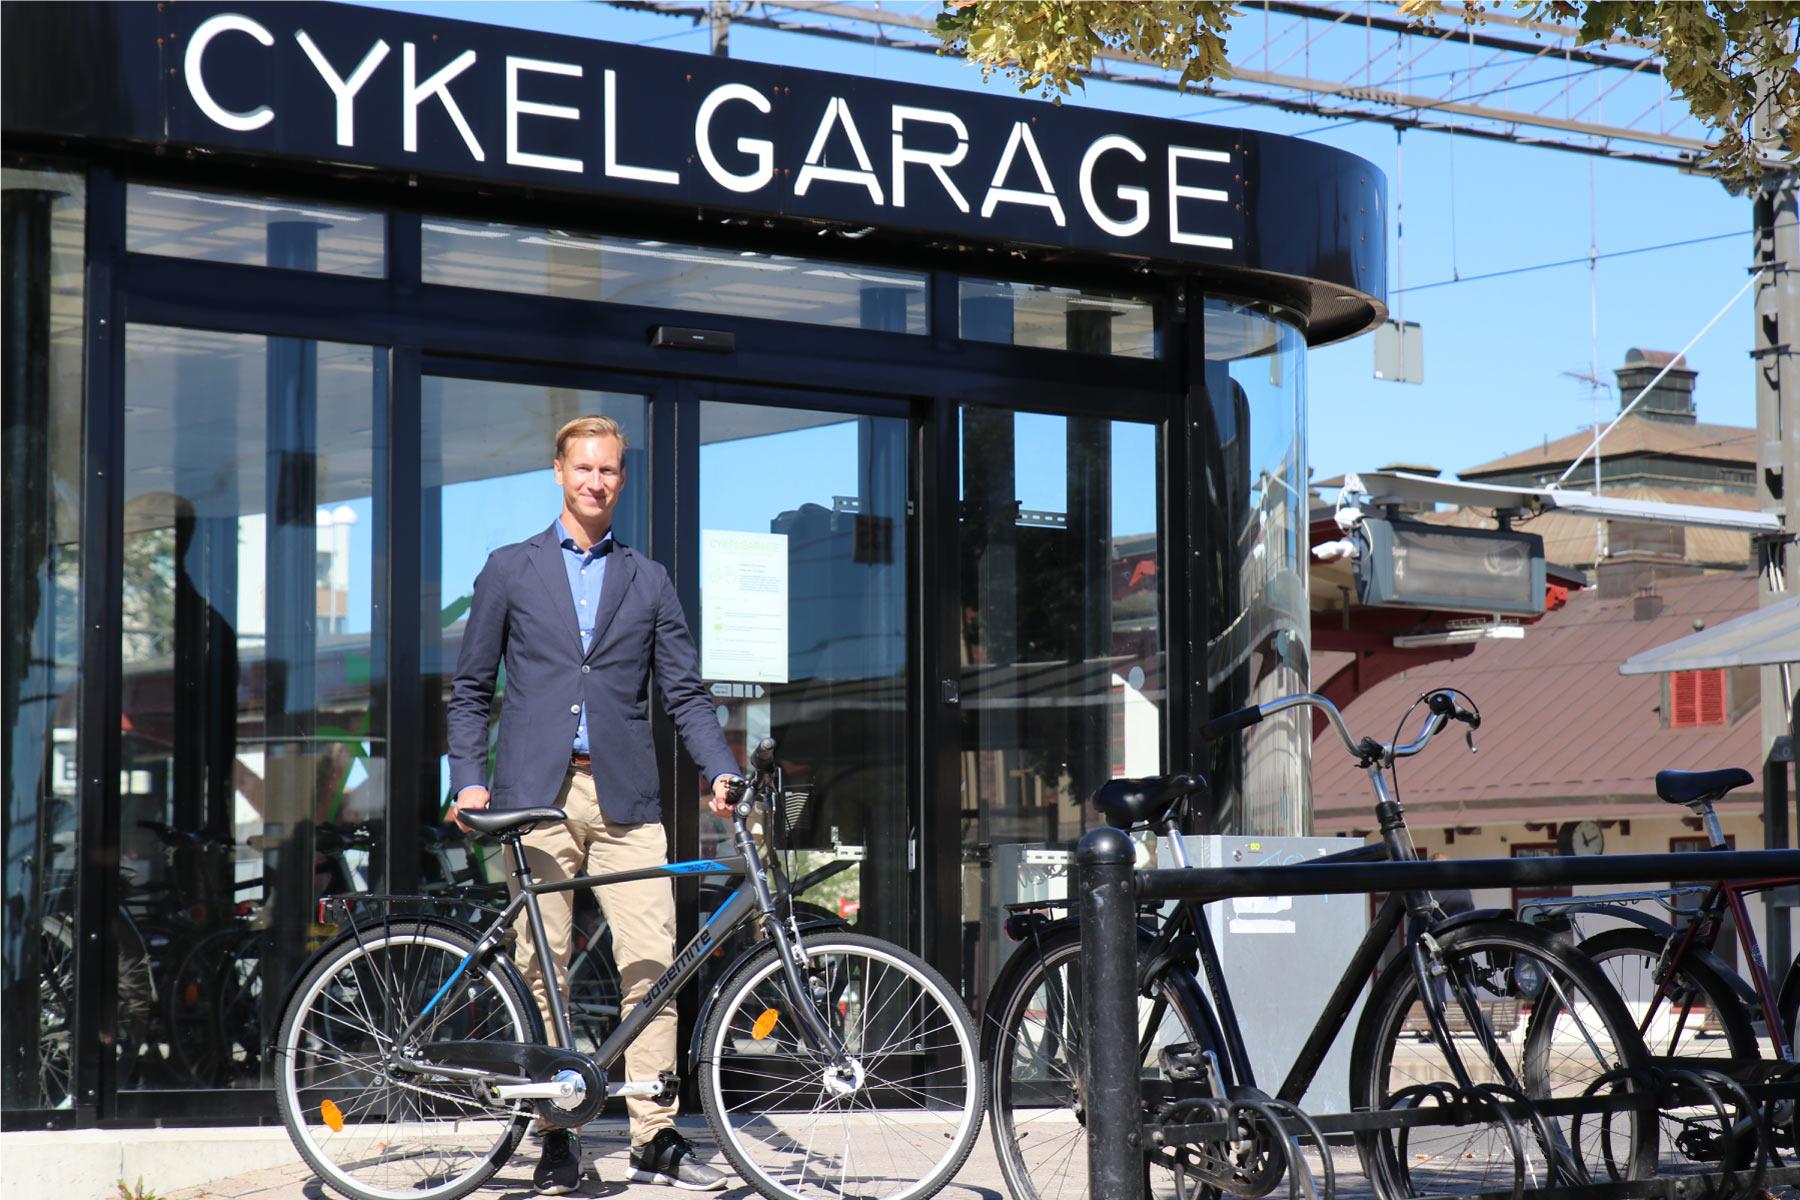 Cyklos VD Johan Persson blir fotograferad framför FLOW Cykelgarage inför intervju i Dagens Industri.